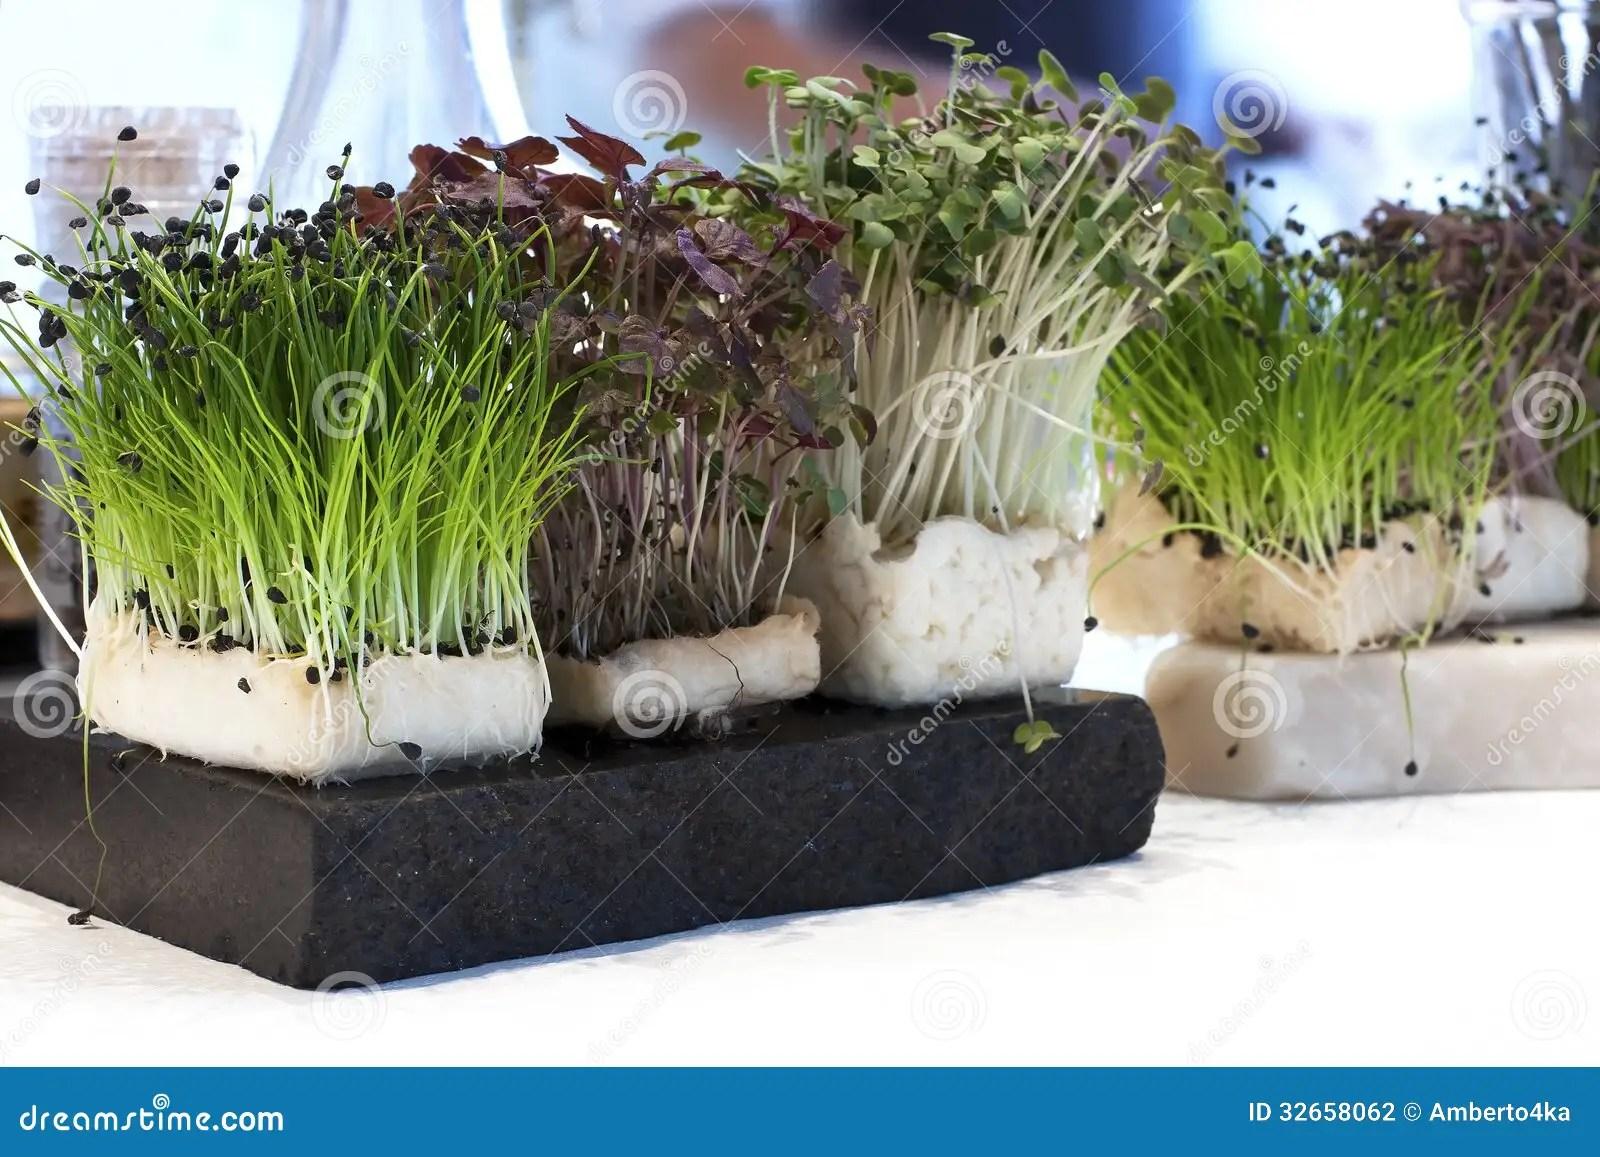 Fresh green watercress stock photo Image of ingredient